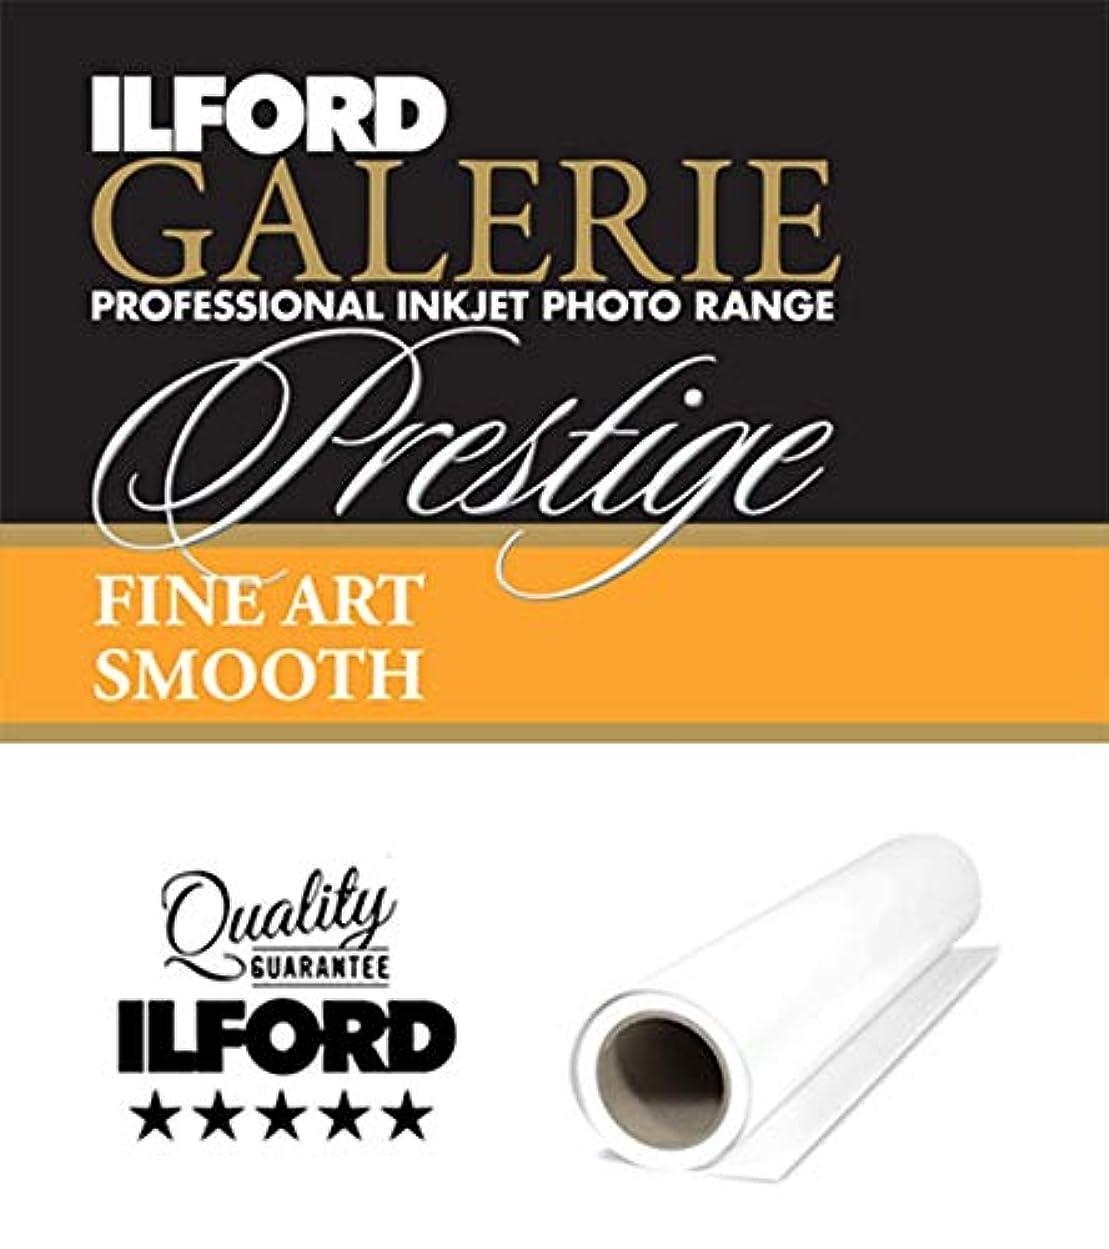 到着予感エンティティイルフォード インクジェット用紙 ファインアートスムース 厚手 スムースマット面質 914mm×15mロール 3インチILFORD GALERIE ART SMOOTH 200 ギャラリー ファインアート マット 432637